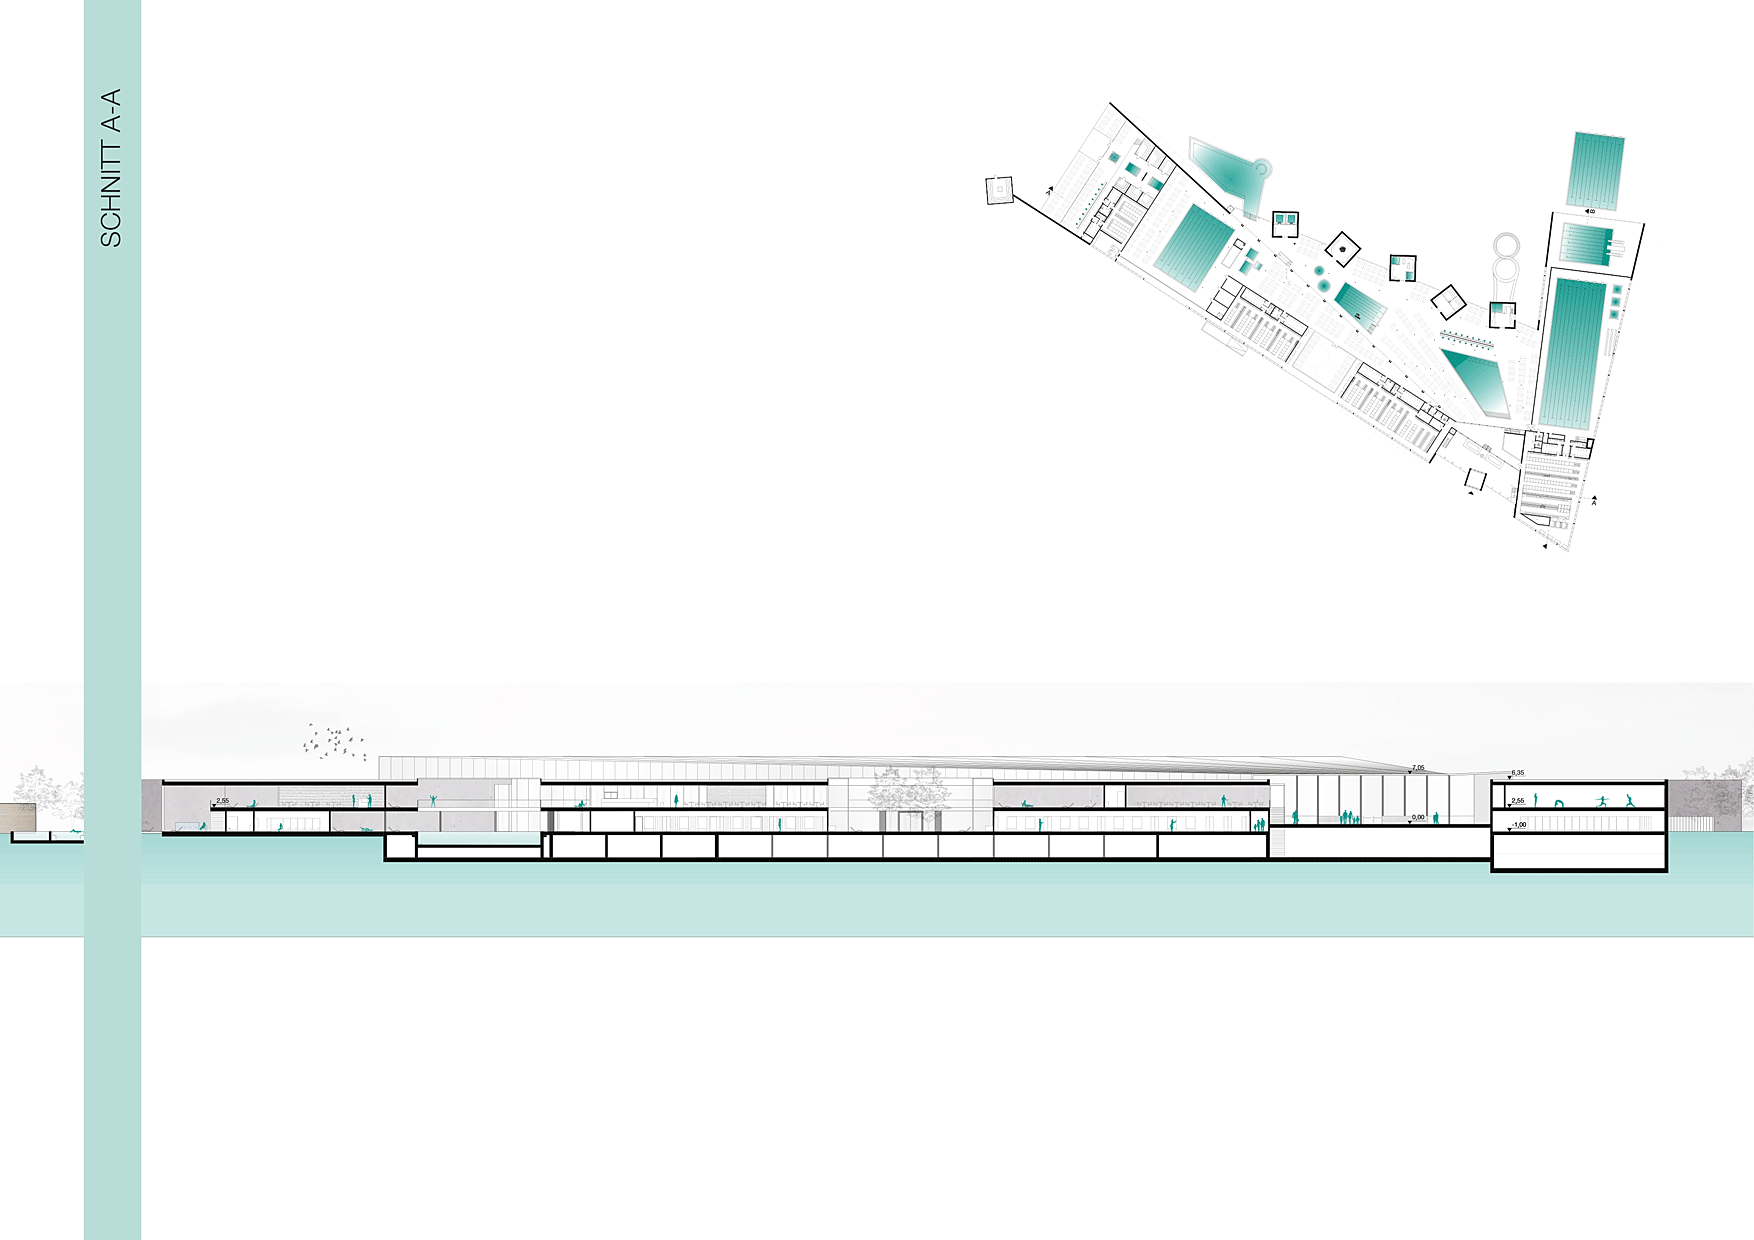 Krasskreativkollektiv Architektur Berlin Schnitt A A